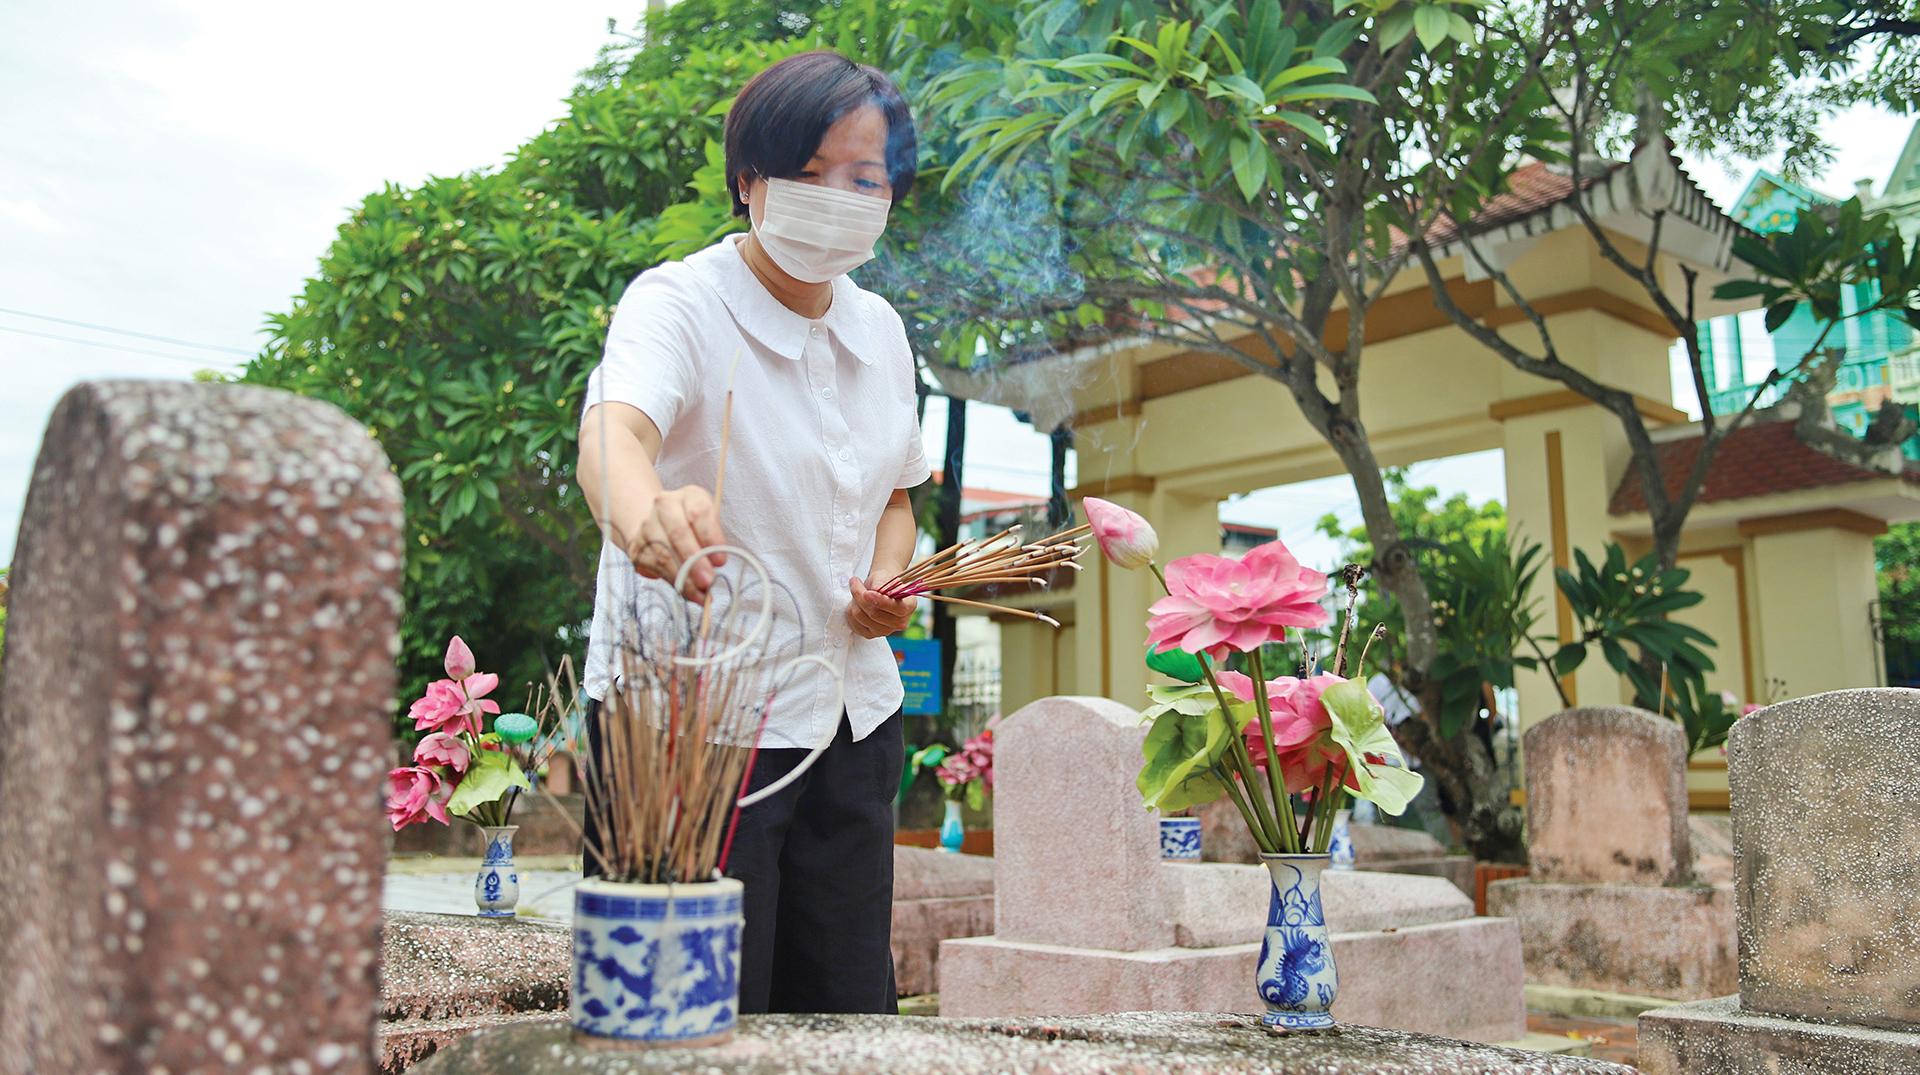 """Bà mẹ Việt Nam Anh hùng trẻ nhất nước Nguyễn Thị Anh: """"Nỗi đau mất con thời nào cũng thế"""" - Ảnh 6."""